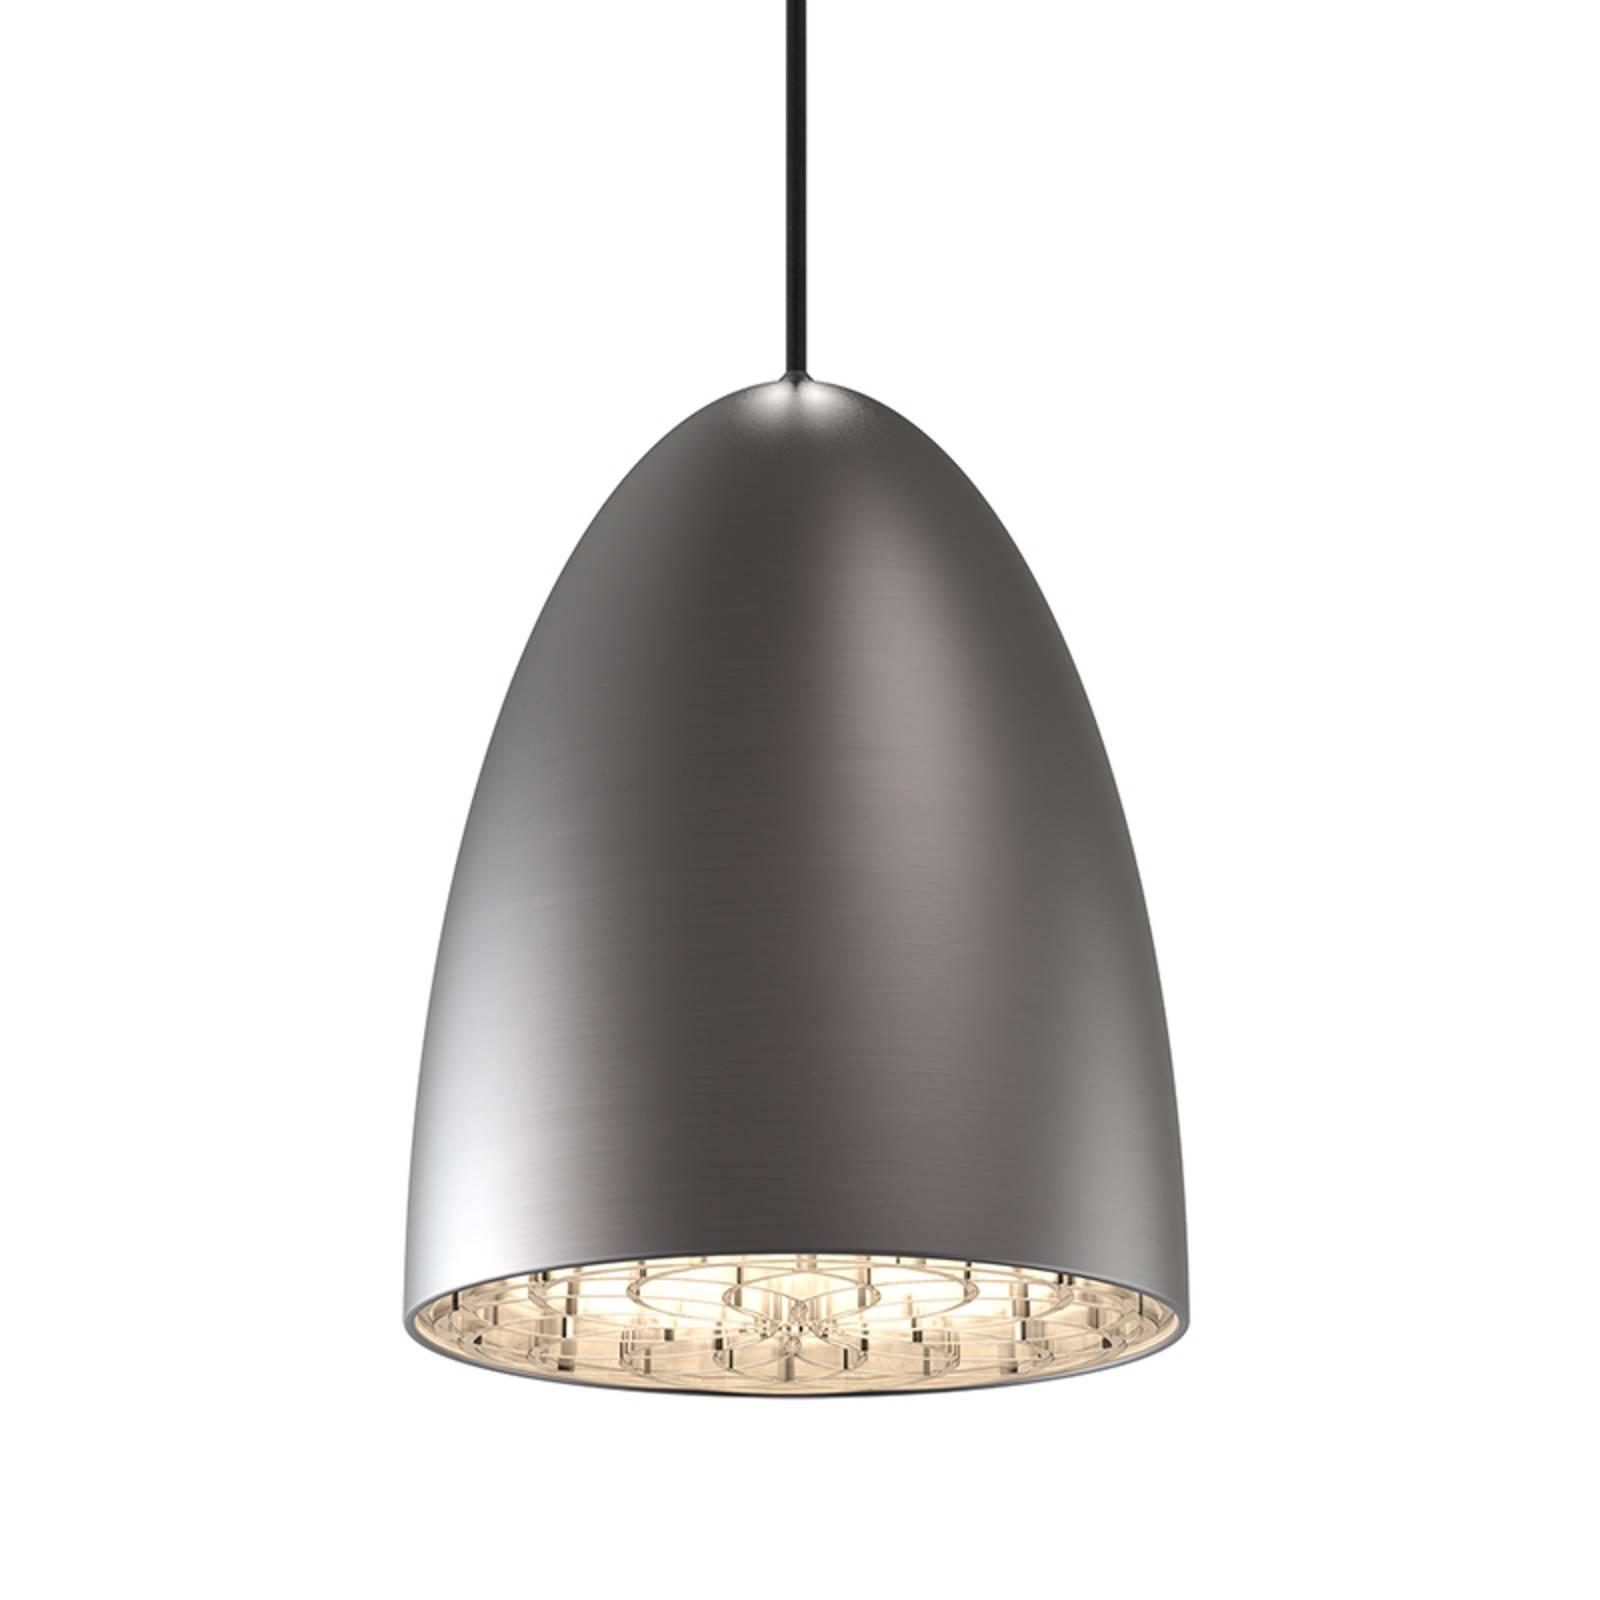 Billede af Æggeformet hængelampe Nexus